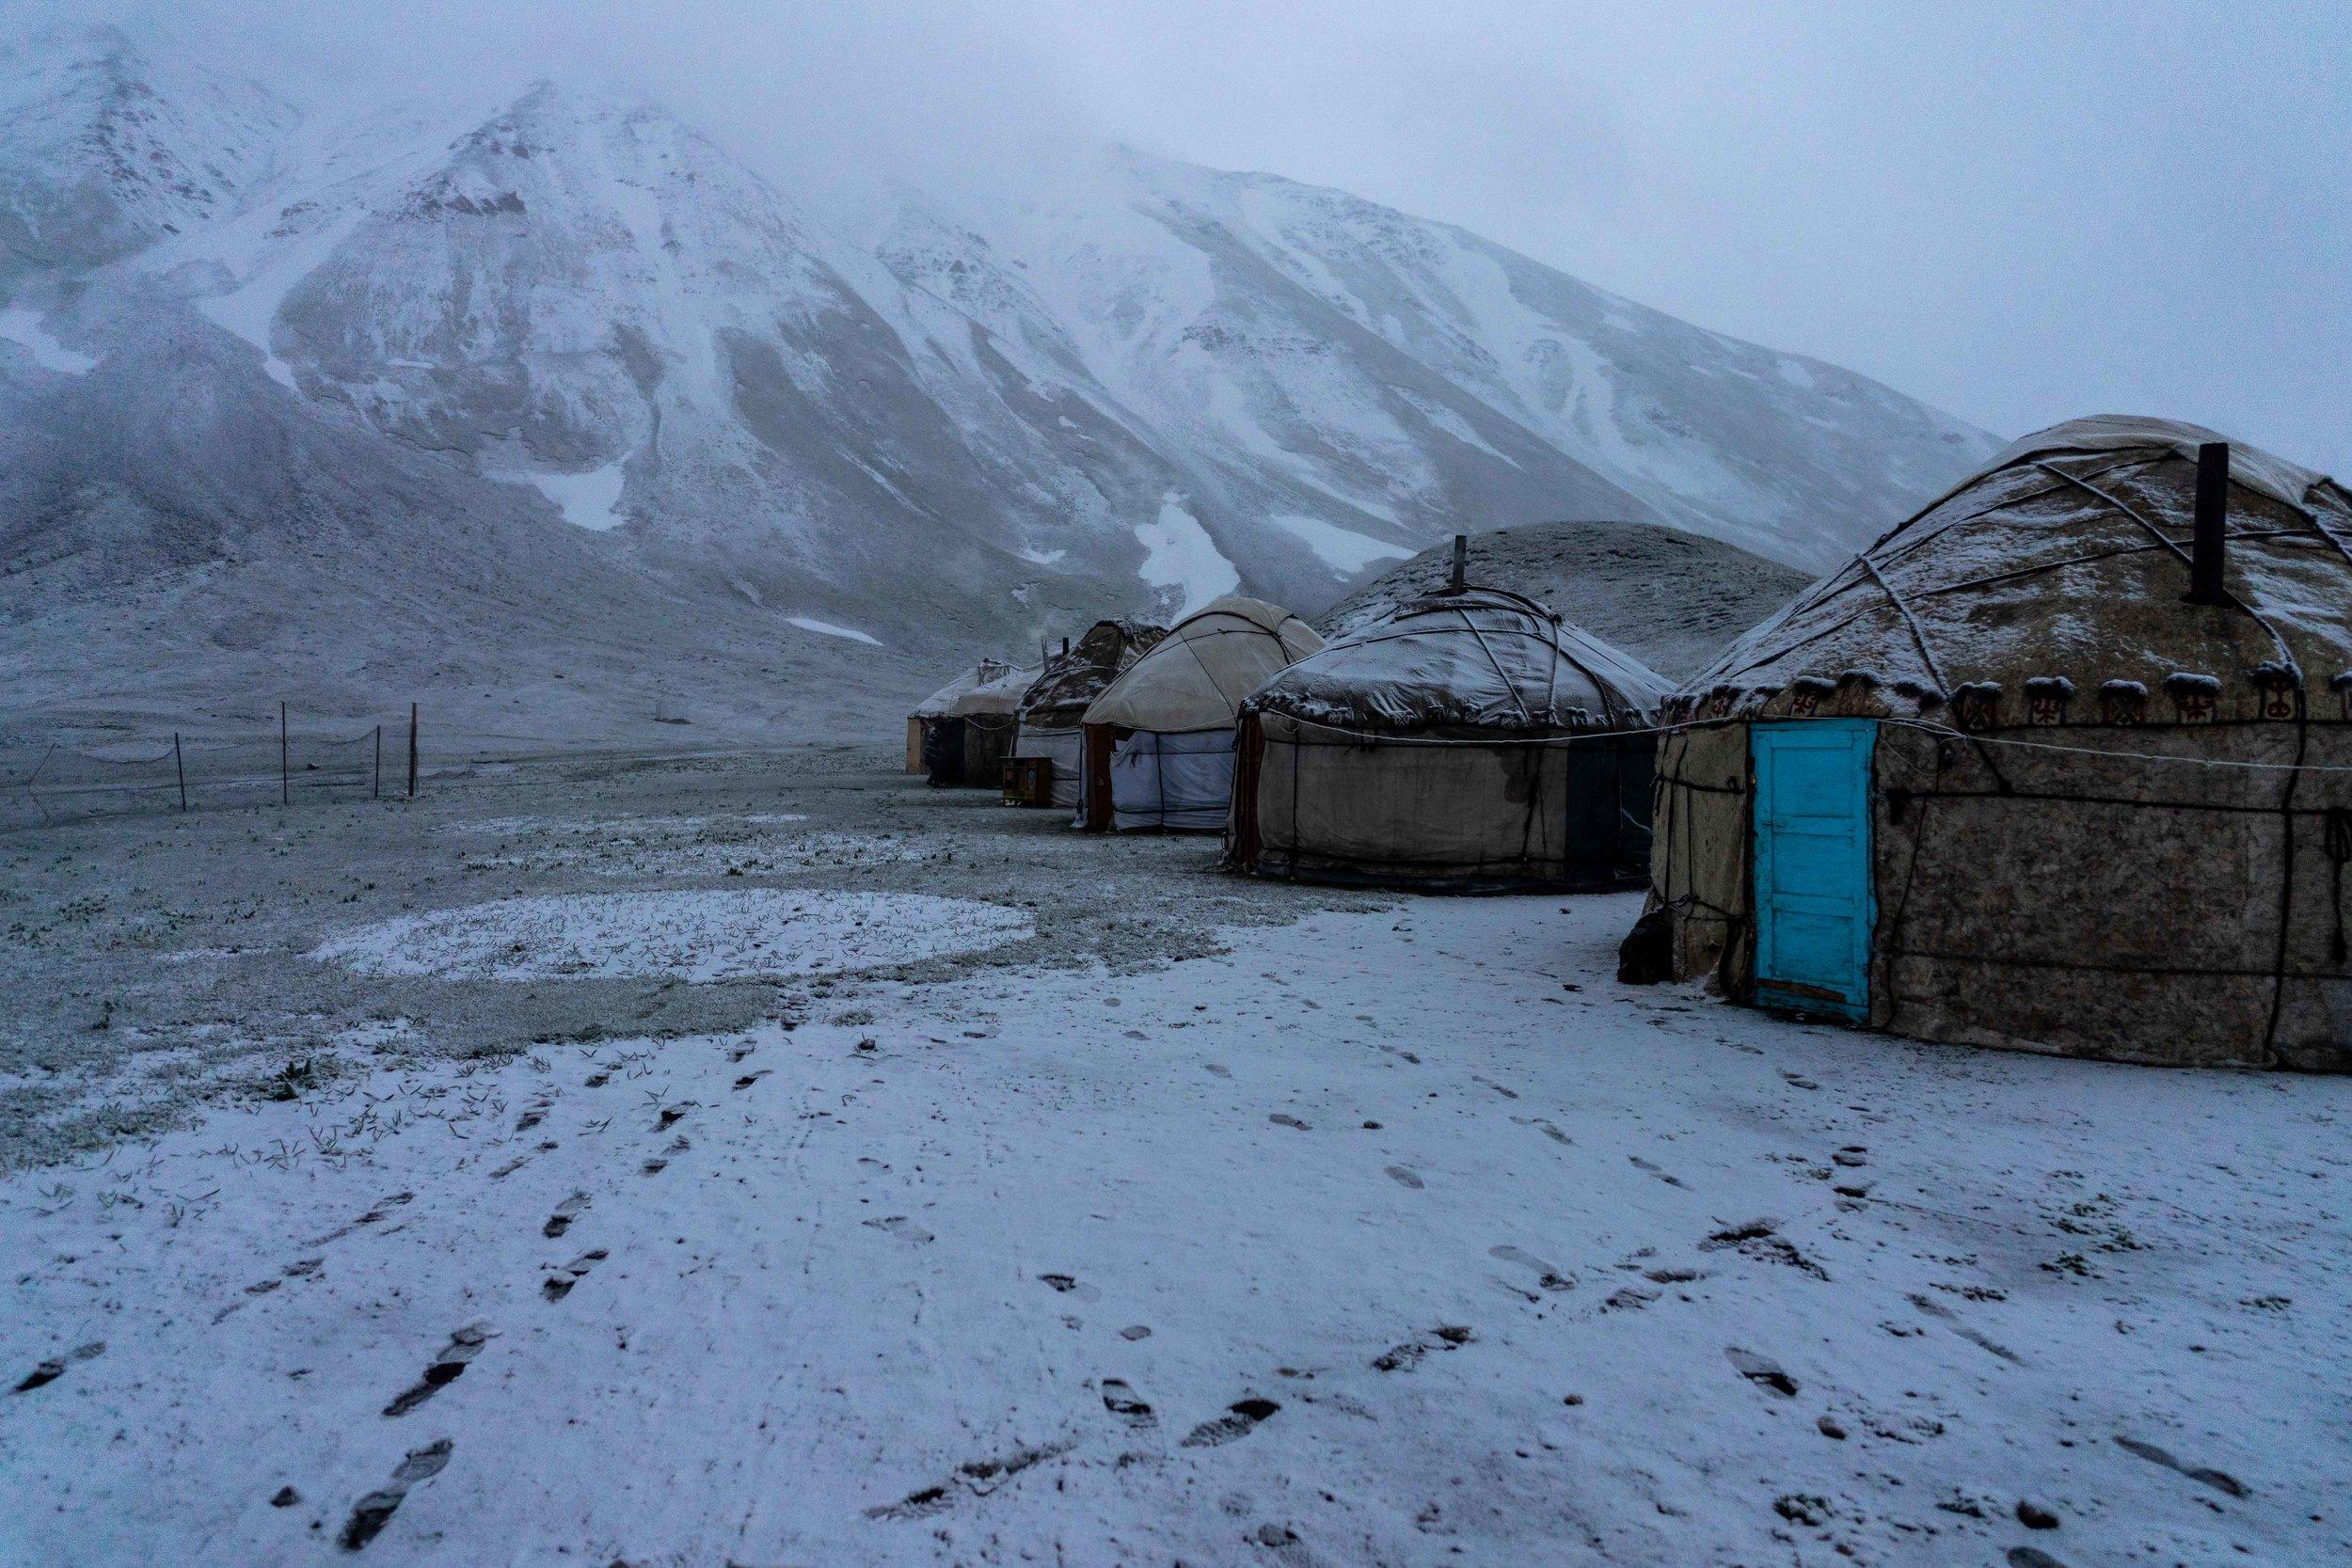 Yurt Base Camp 3,500m